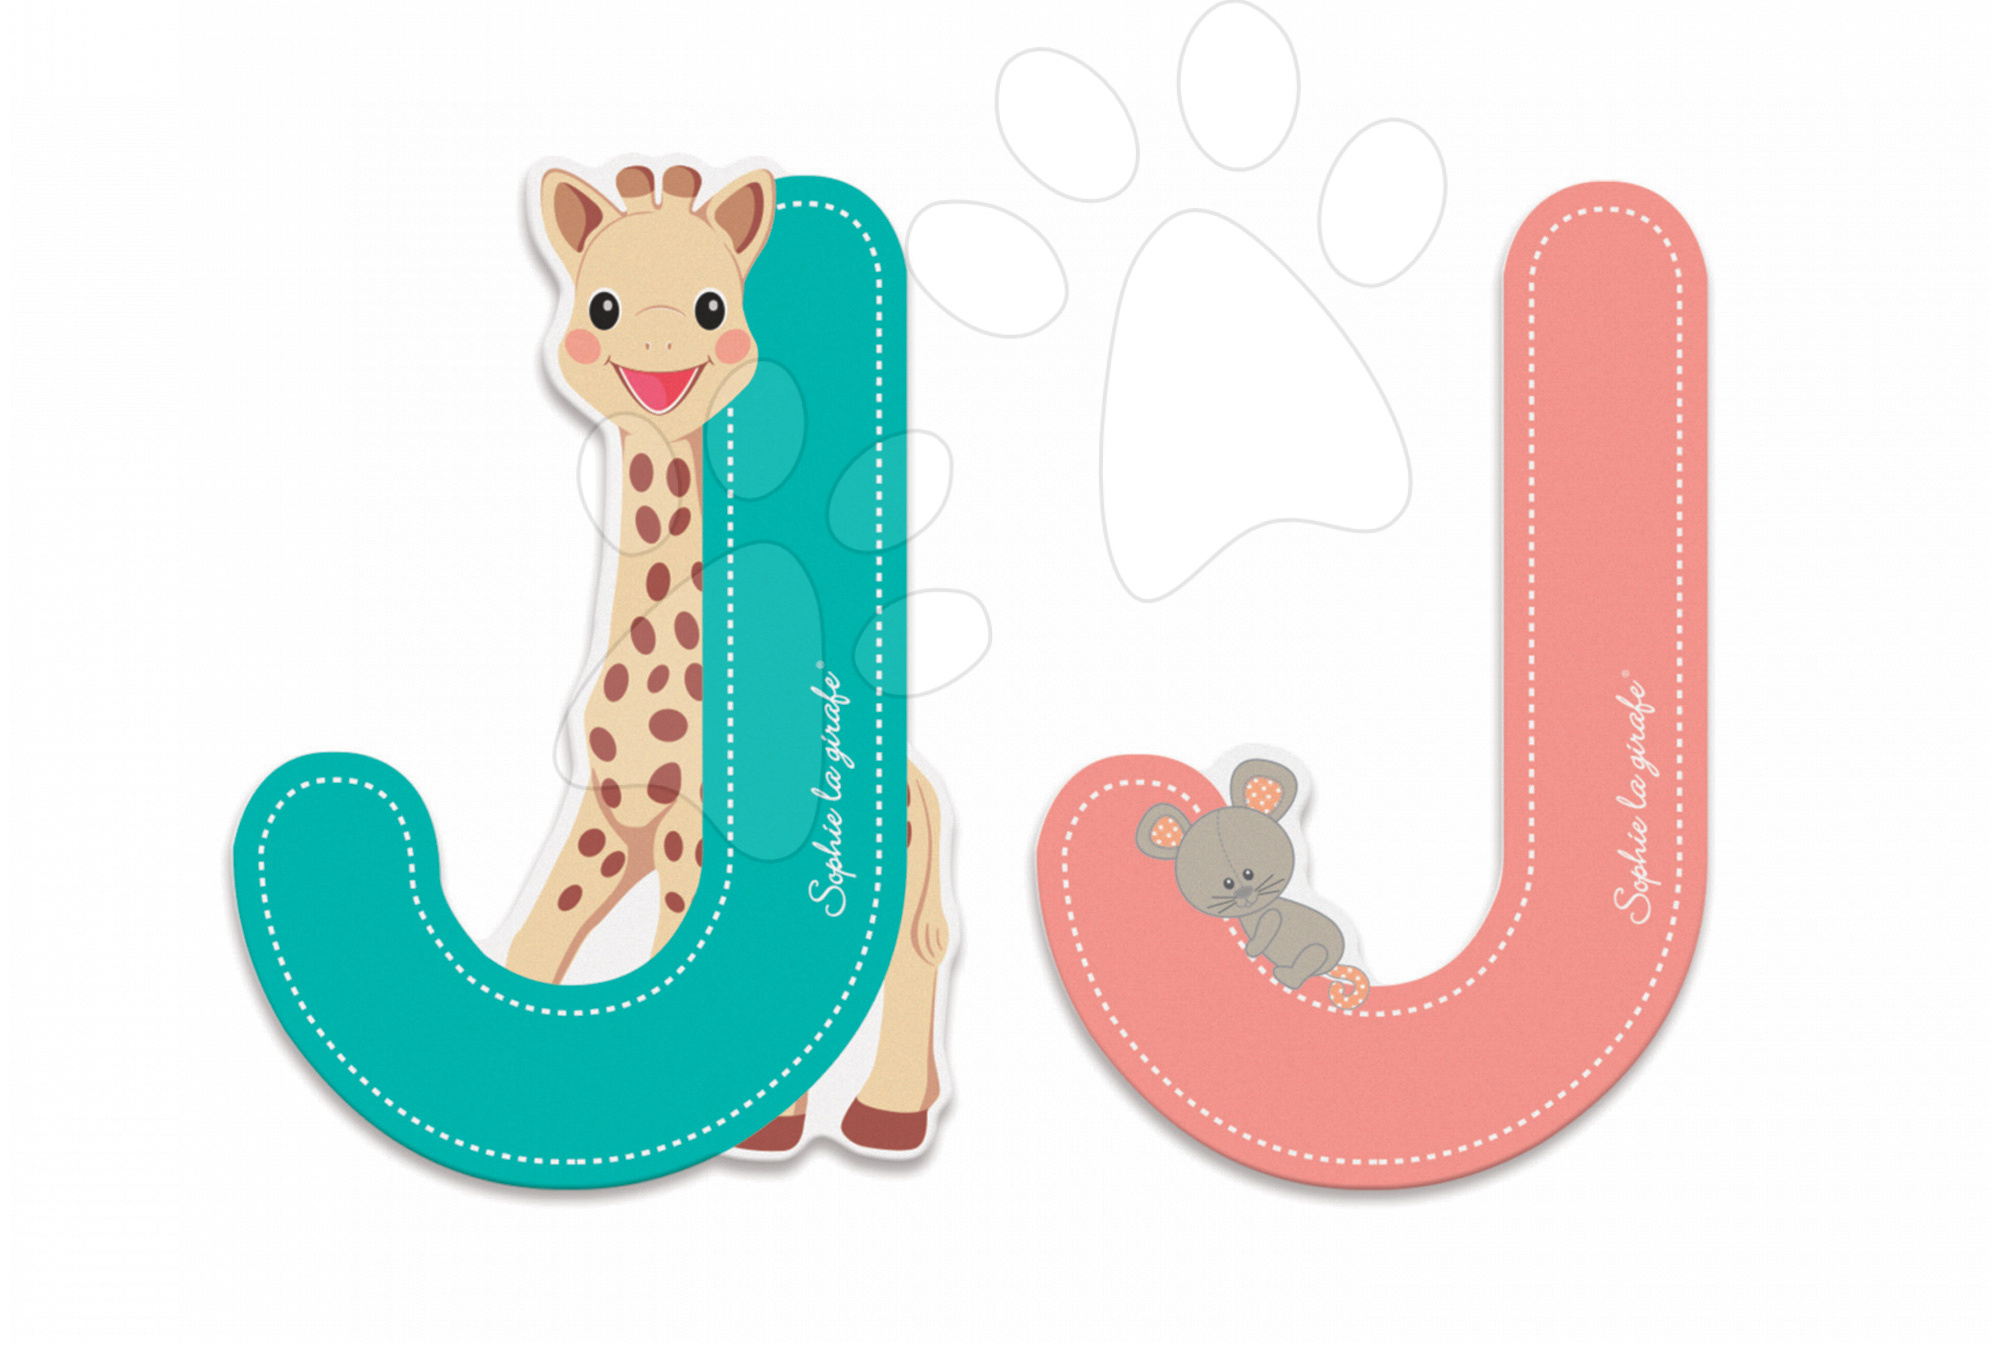 Dekorácie do detských izieb - Drevené písmeno J Sophie The Giraffe Janod lepiace 7 cm tyrkysové/ružové od 3 rokov